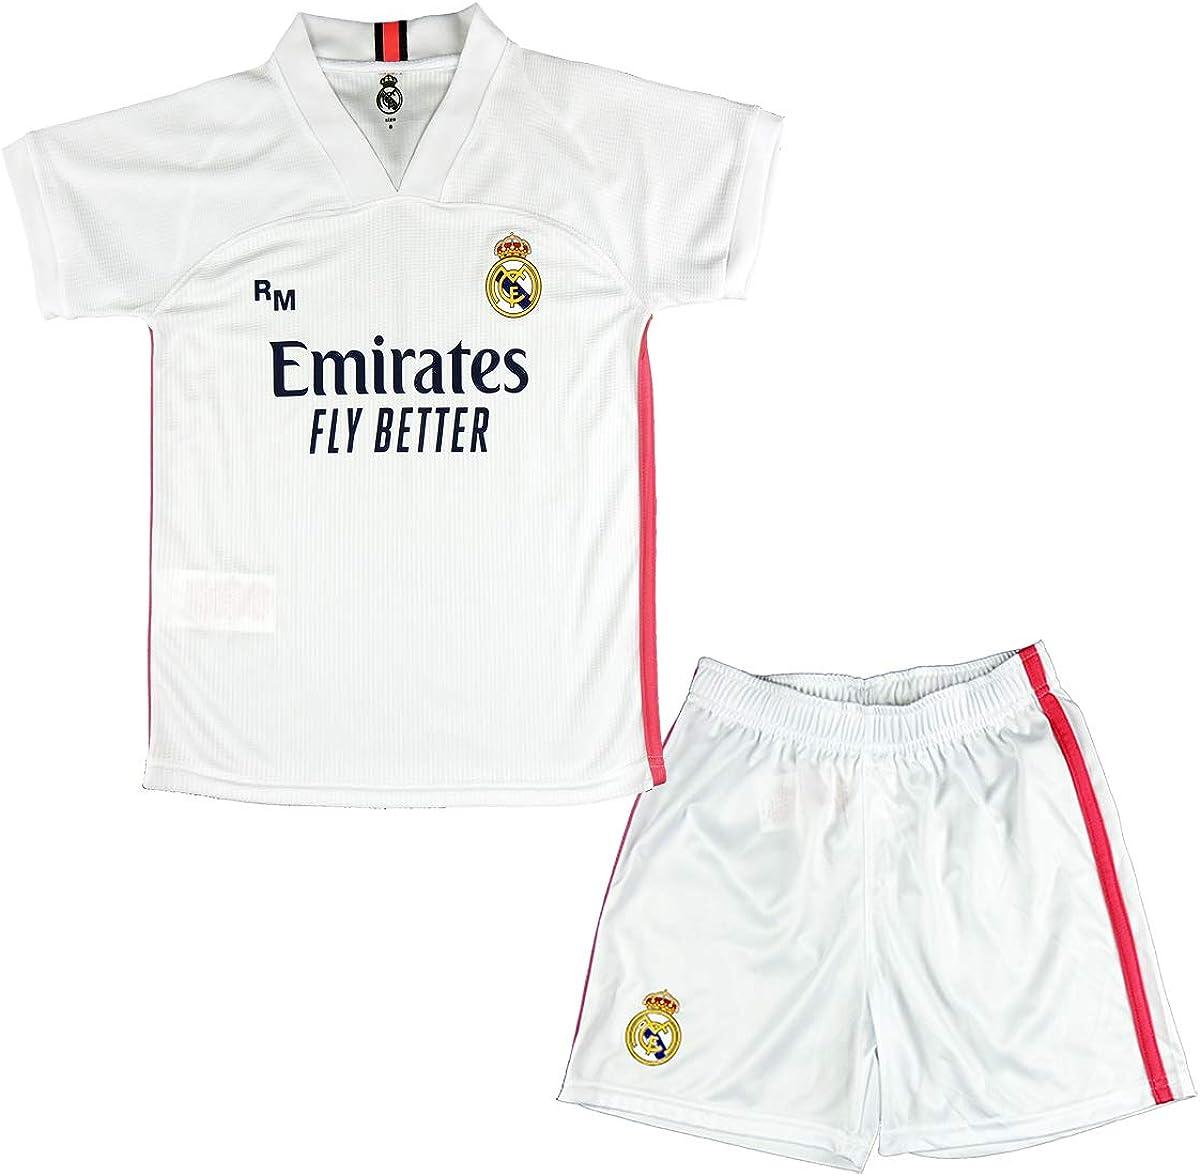 Real Madrid CF Conjunto Camiseta y Pantalón Infantil Primera Equipación Temporada 2020-21 - Producto Oficial Licenciado -Color Blanco